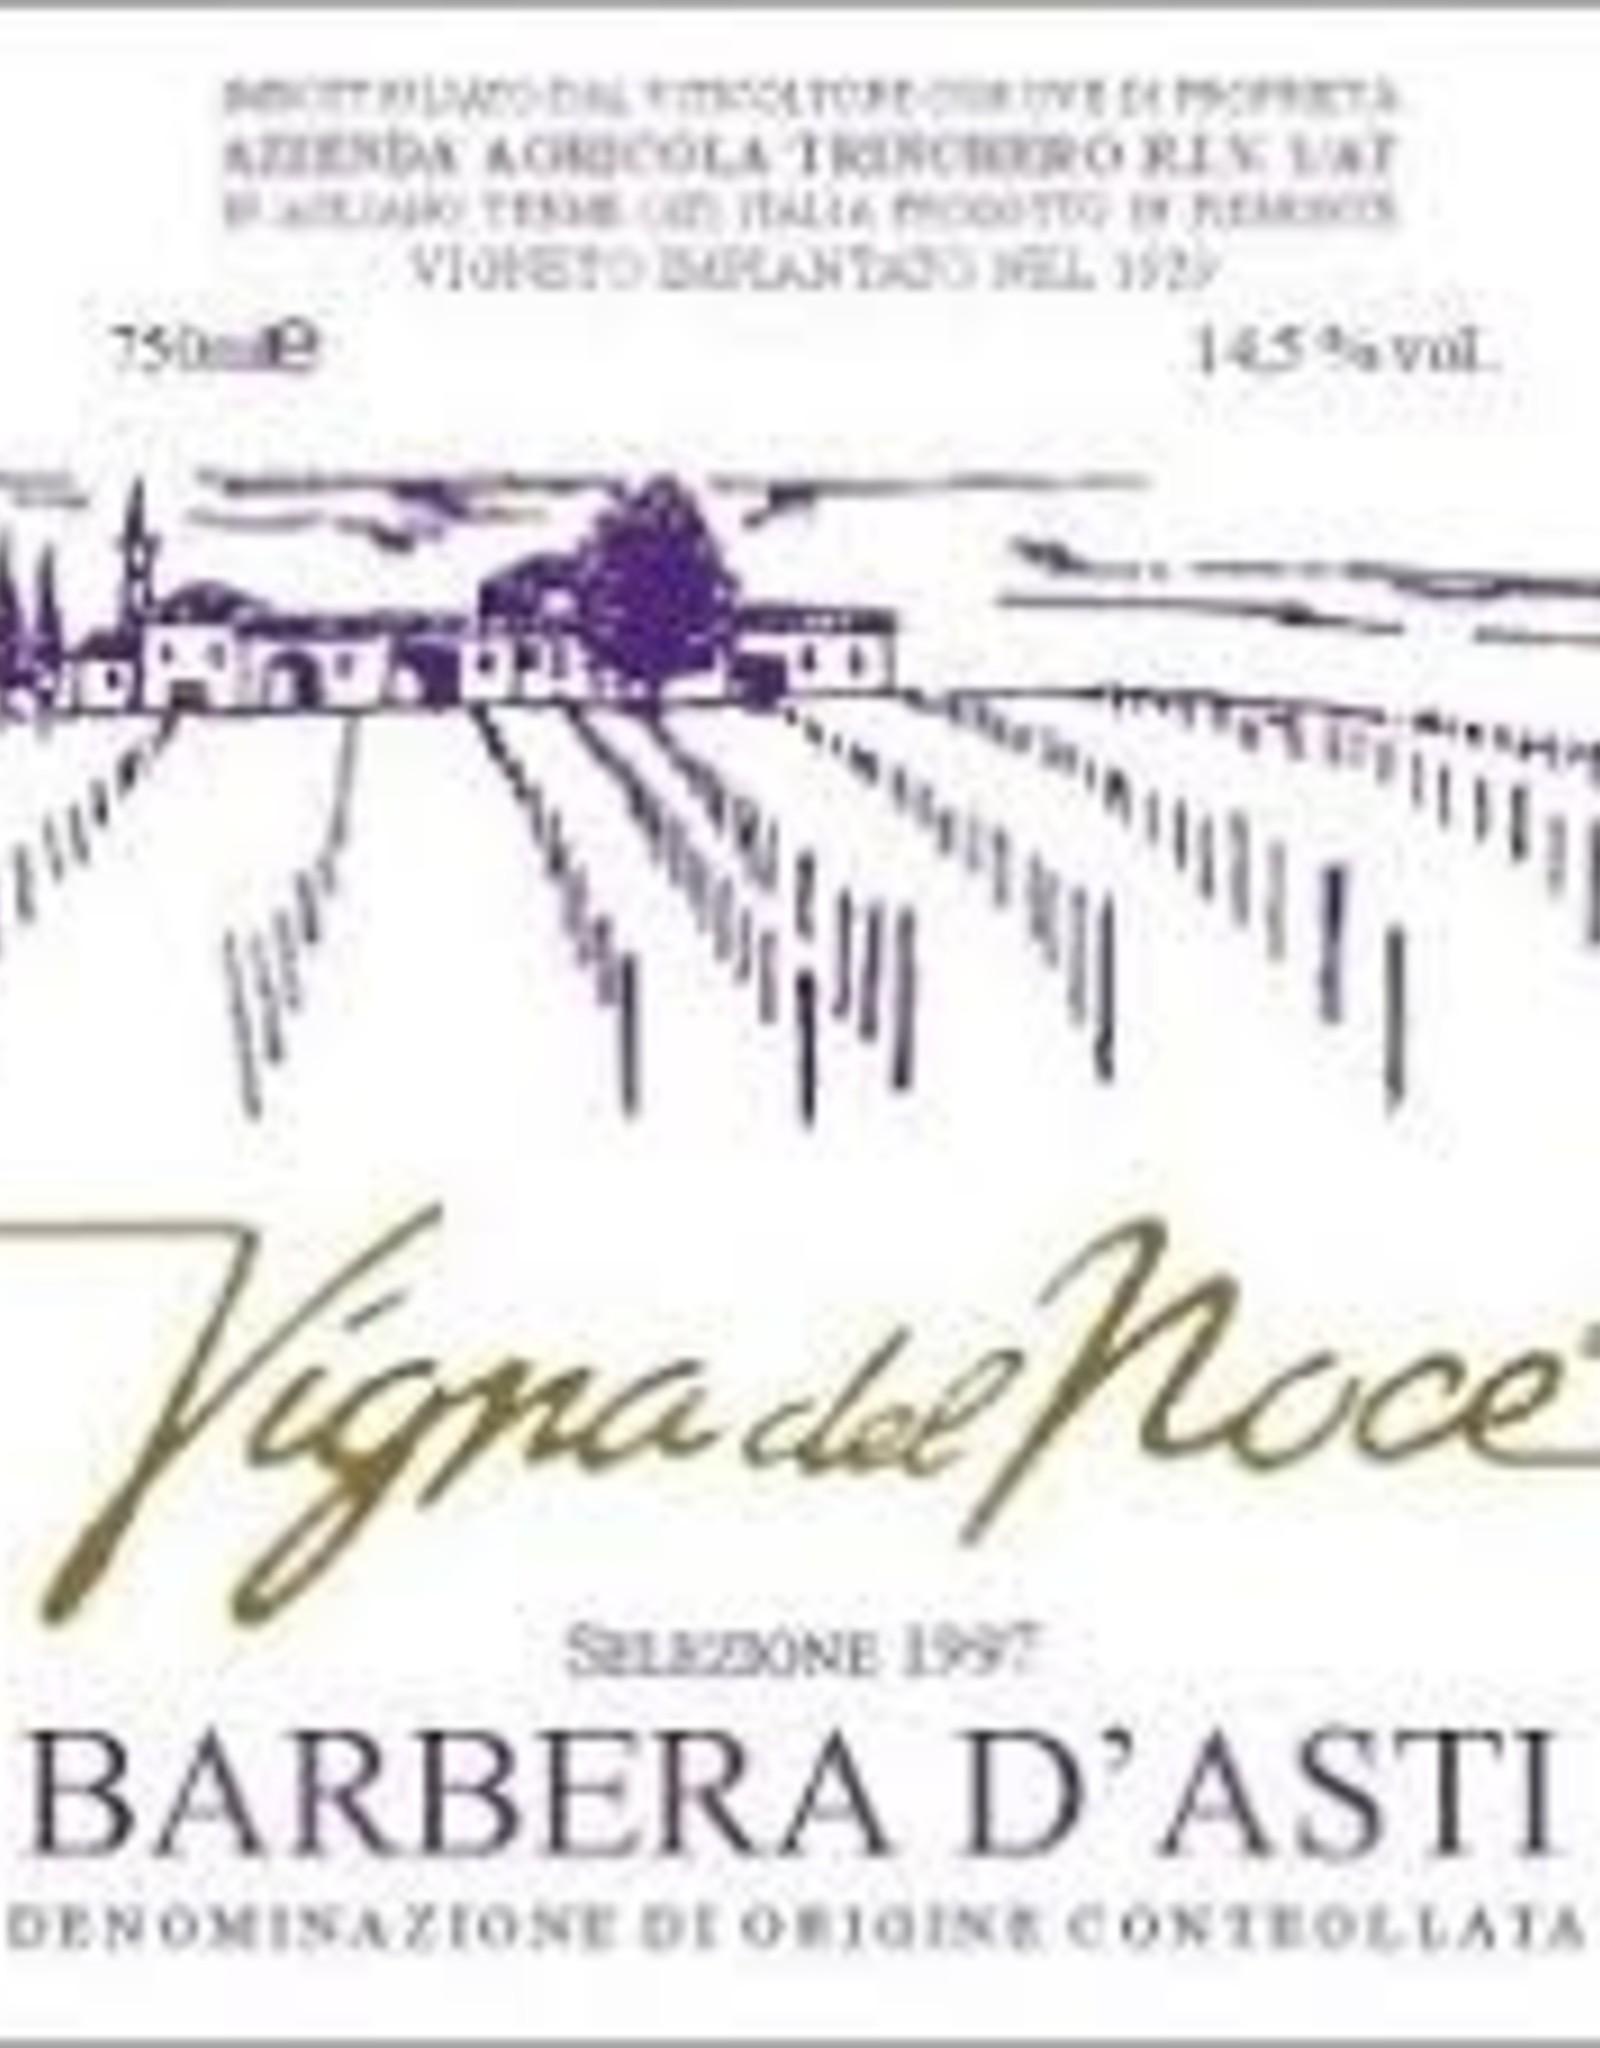 Barbera d'Asti, VIGNA DEL NOCE, Ezio T. Italy 2012 (1.5 L)